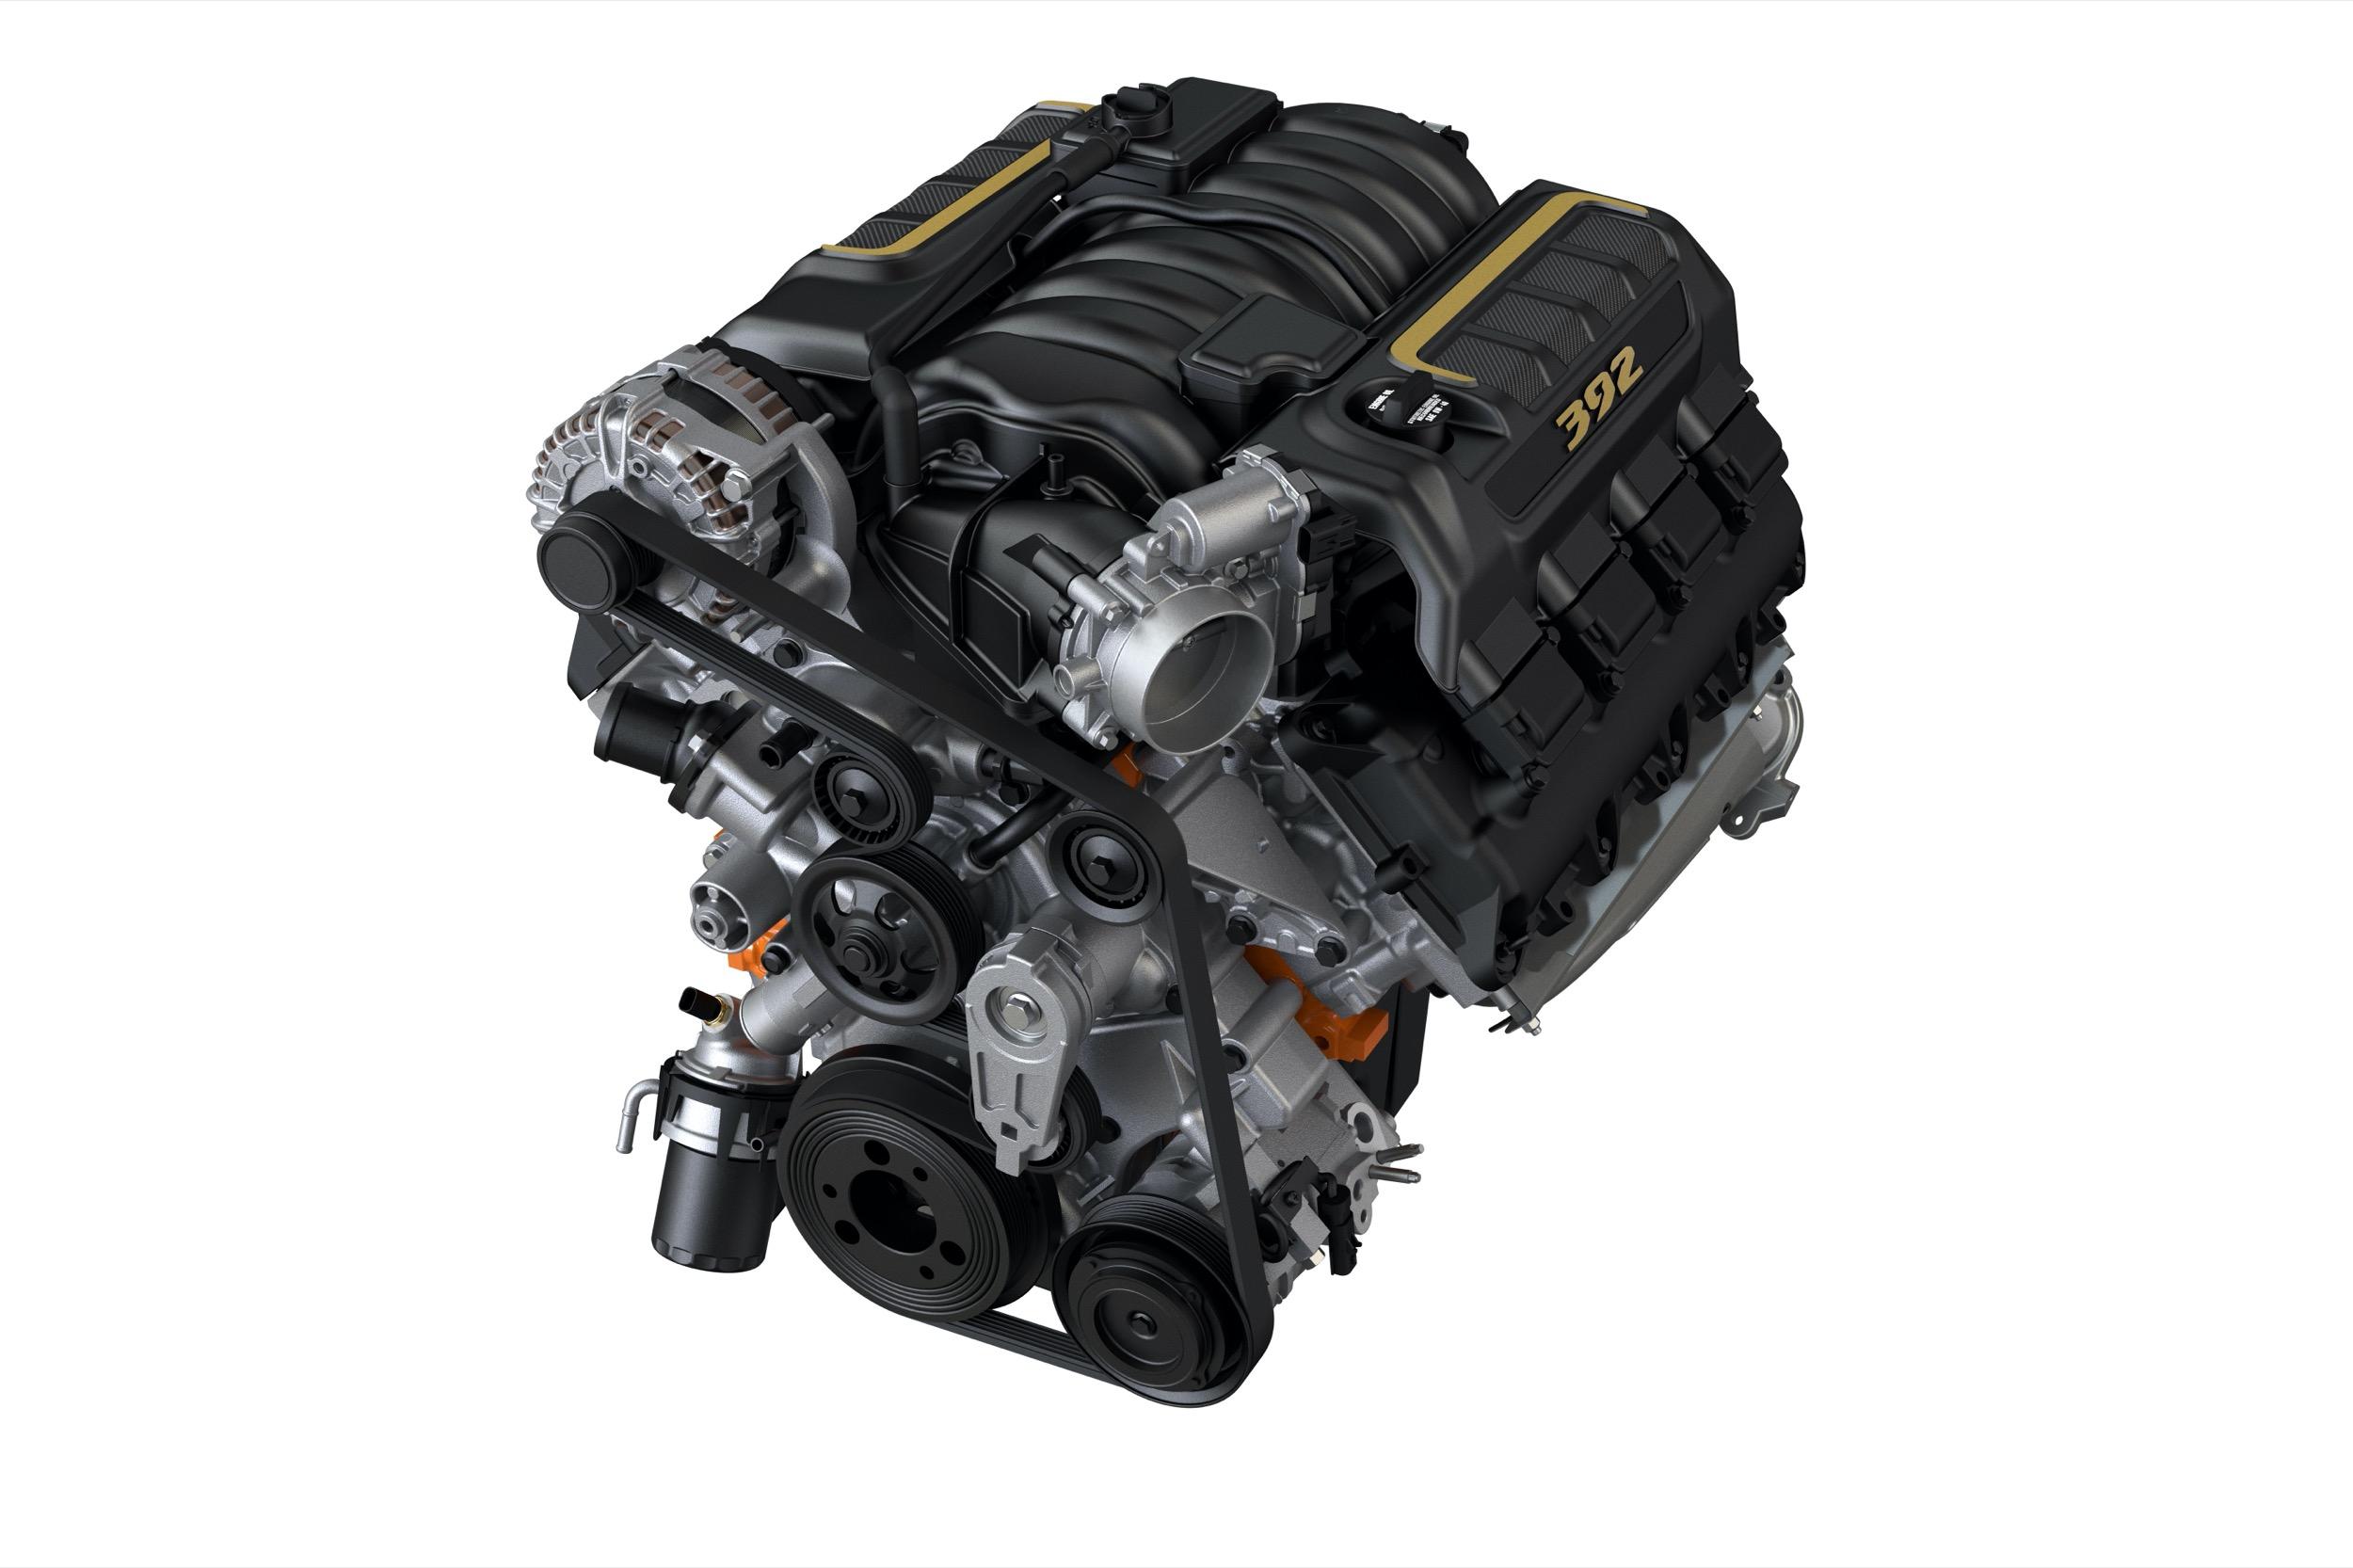 2022 Land Rover Defender V8 vs. 2021 Jeep Wrangler Rubicon ...